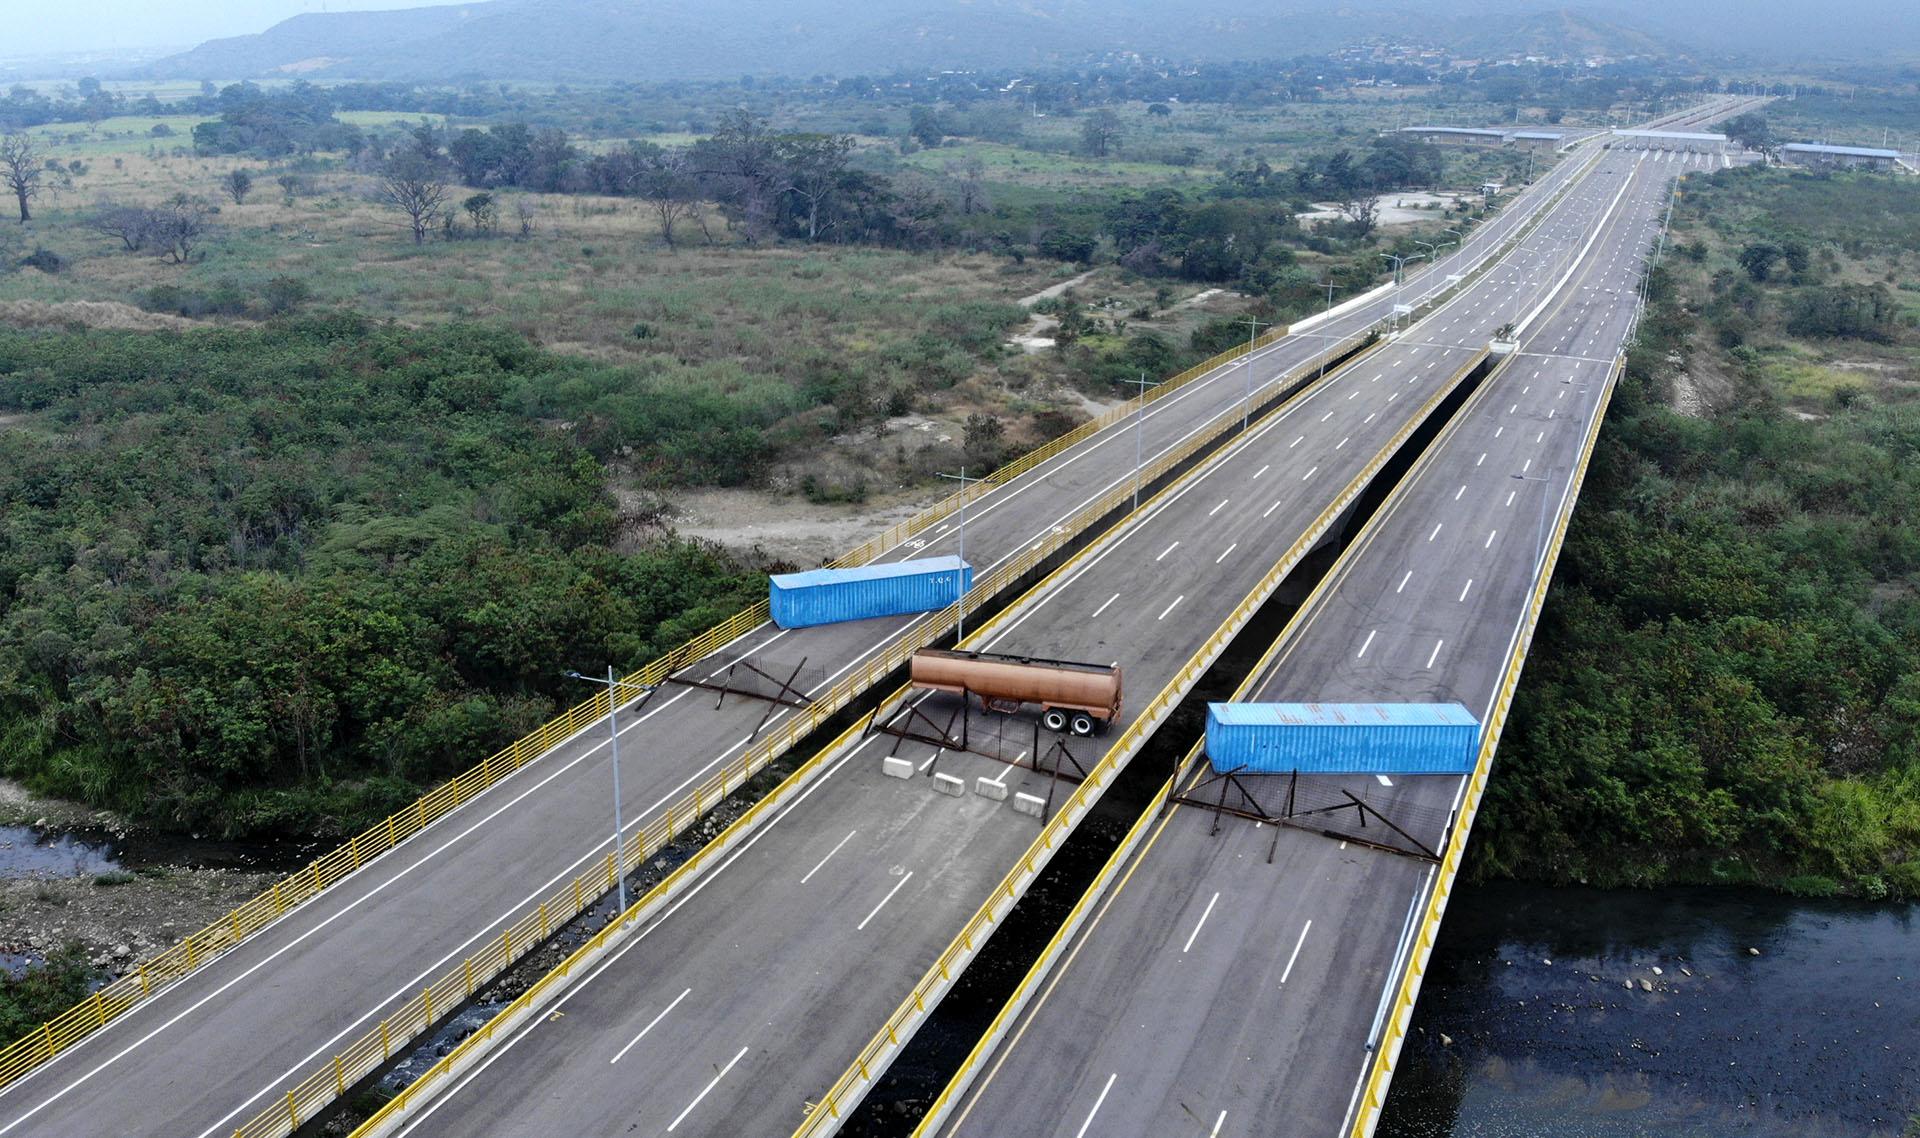 """Juan Guaidó ha descrito los envíos de emergencia como una """"prueba"""" para las fuerzas armadas de Venezuela, que tendrán que elegir si permiten que pase la tan necesaria ayuda, o si en cambio obedecen las órdenes de Maduro"""